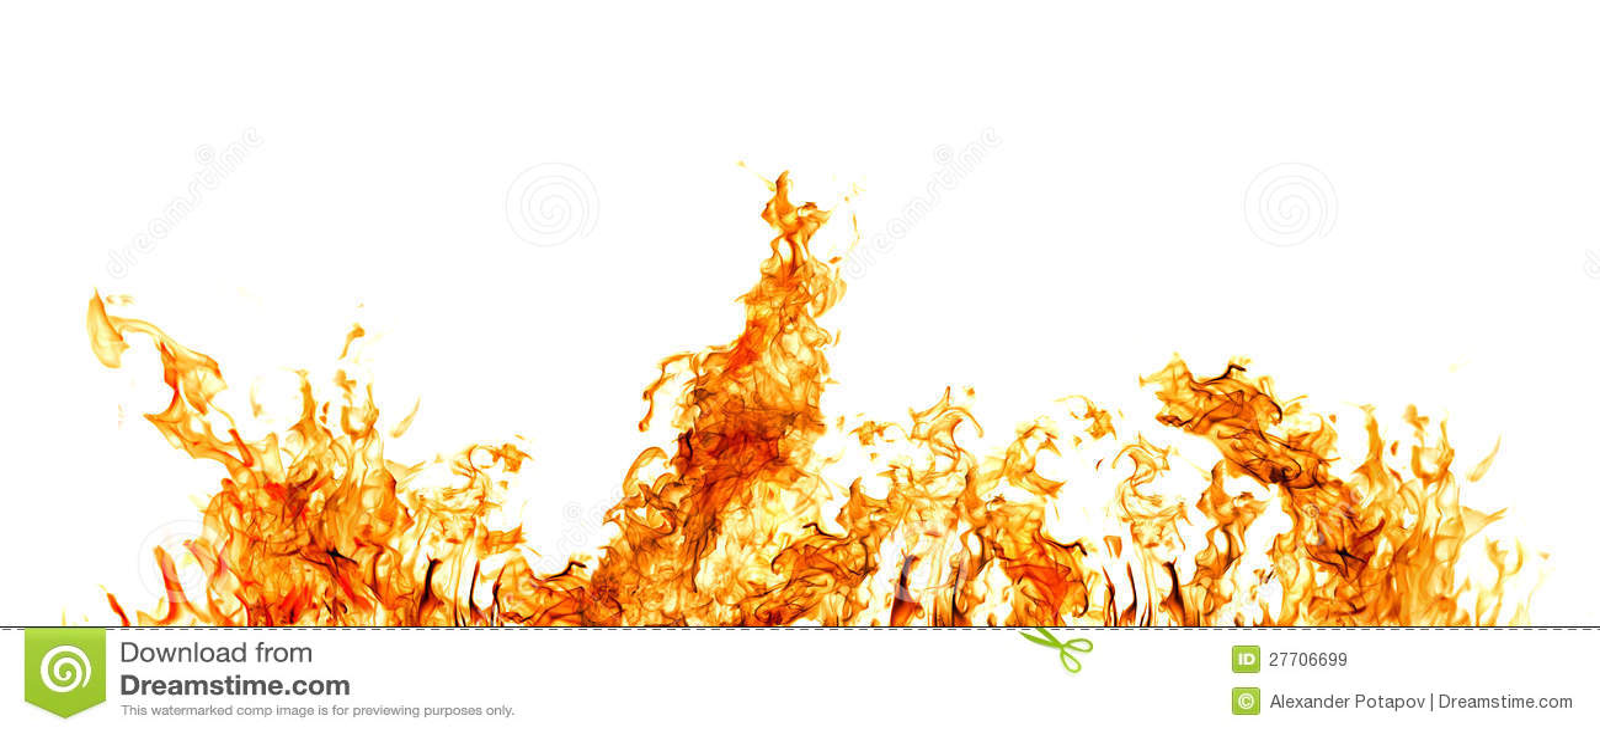 Πορτοκαλί λωρίδα πυρκαγιάς που απομονώνεται στο λευκό